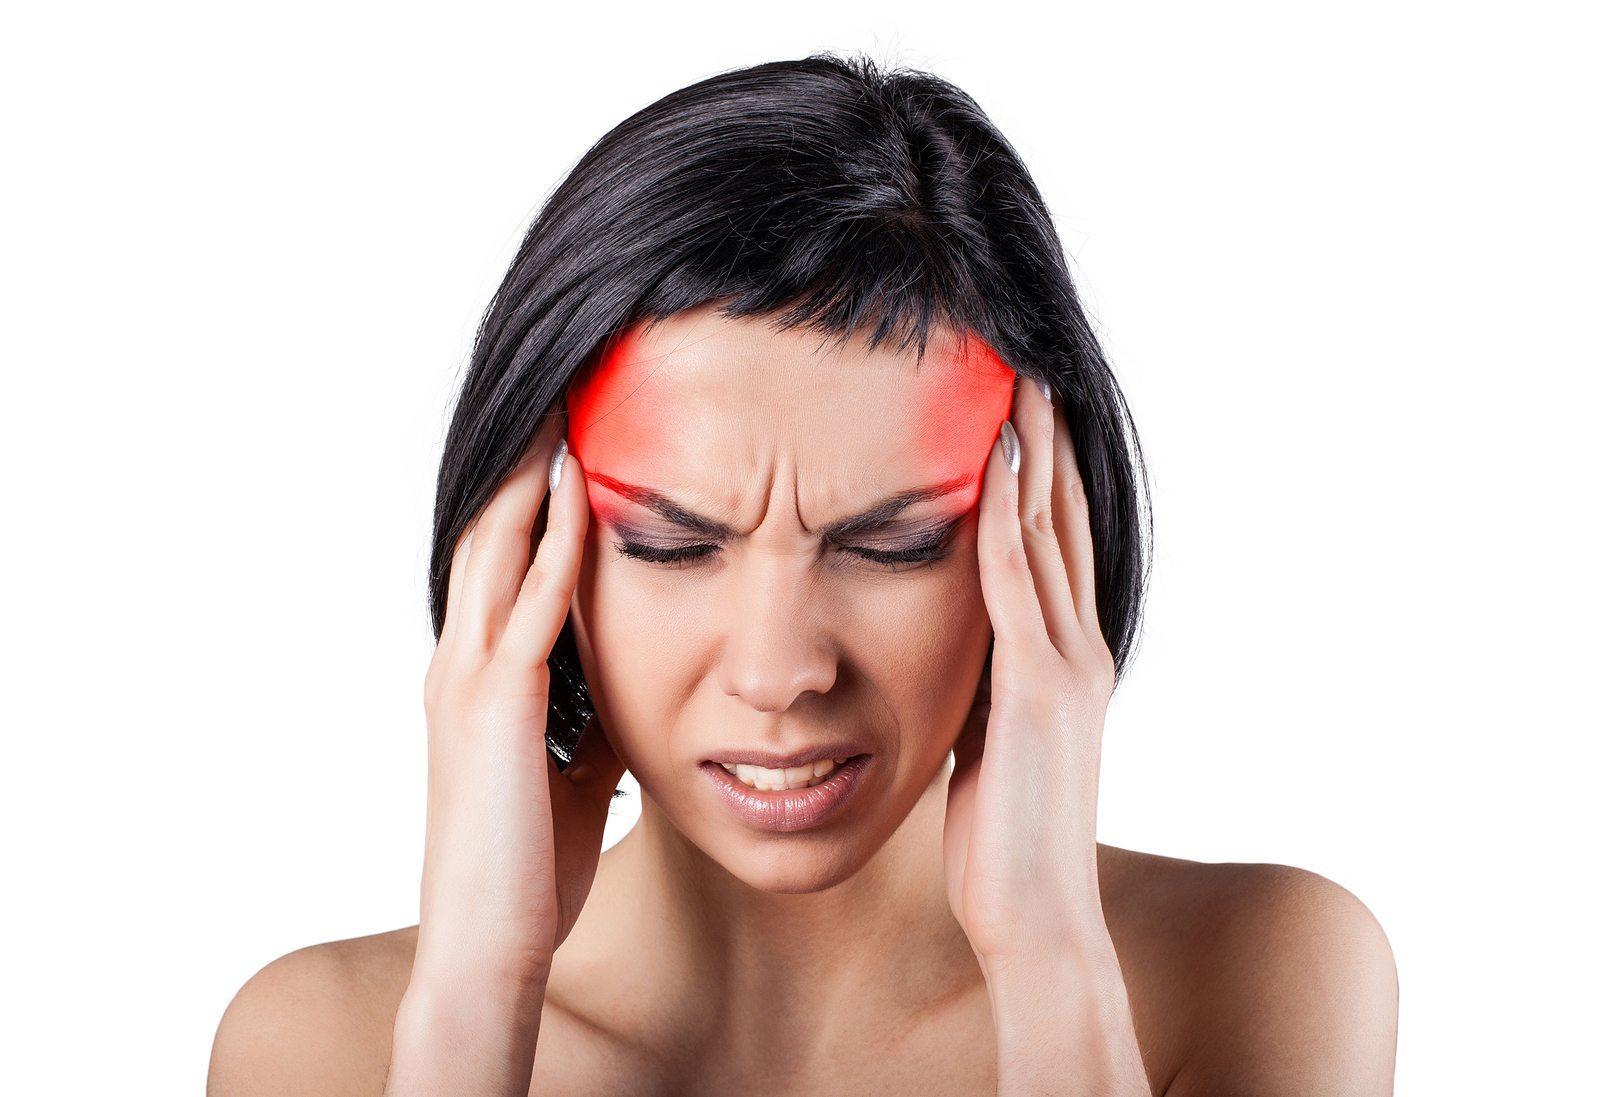 Enxaqueca: Veja Causas, Tratamentos e Remédios Caseiros ...